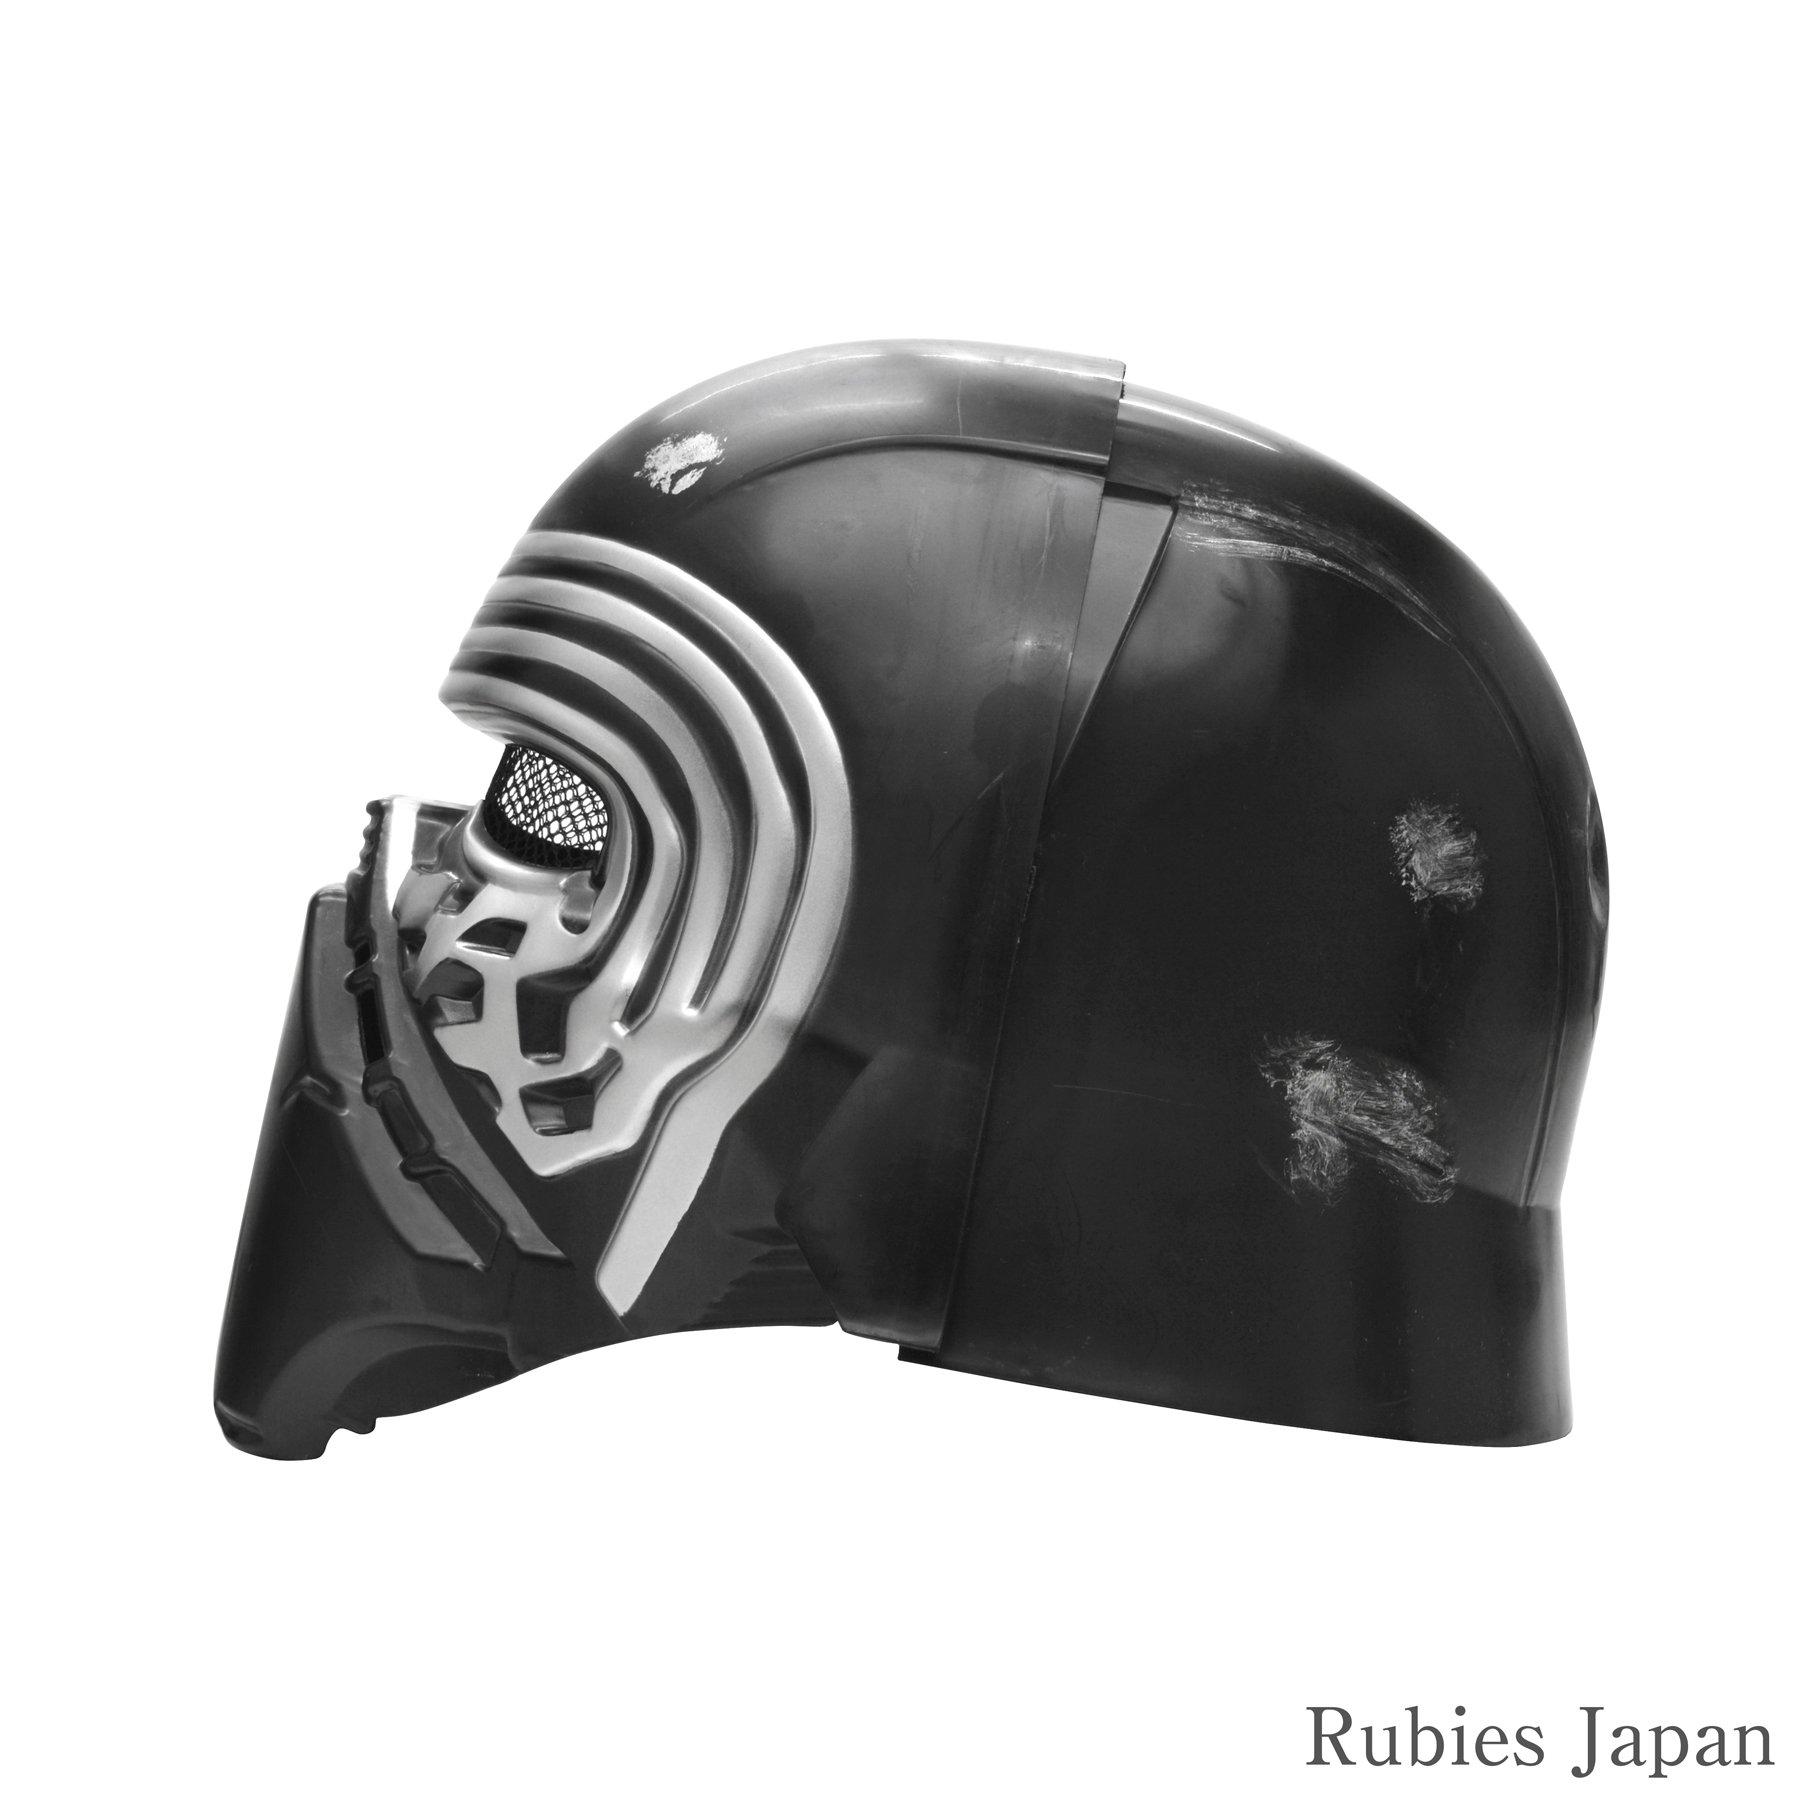 Star Wars: The Force Awakens Adult Kylo Ren 2-Piece Helmet